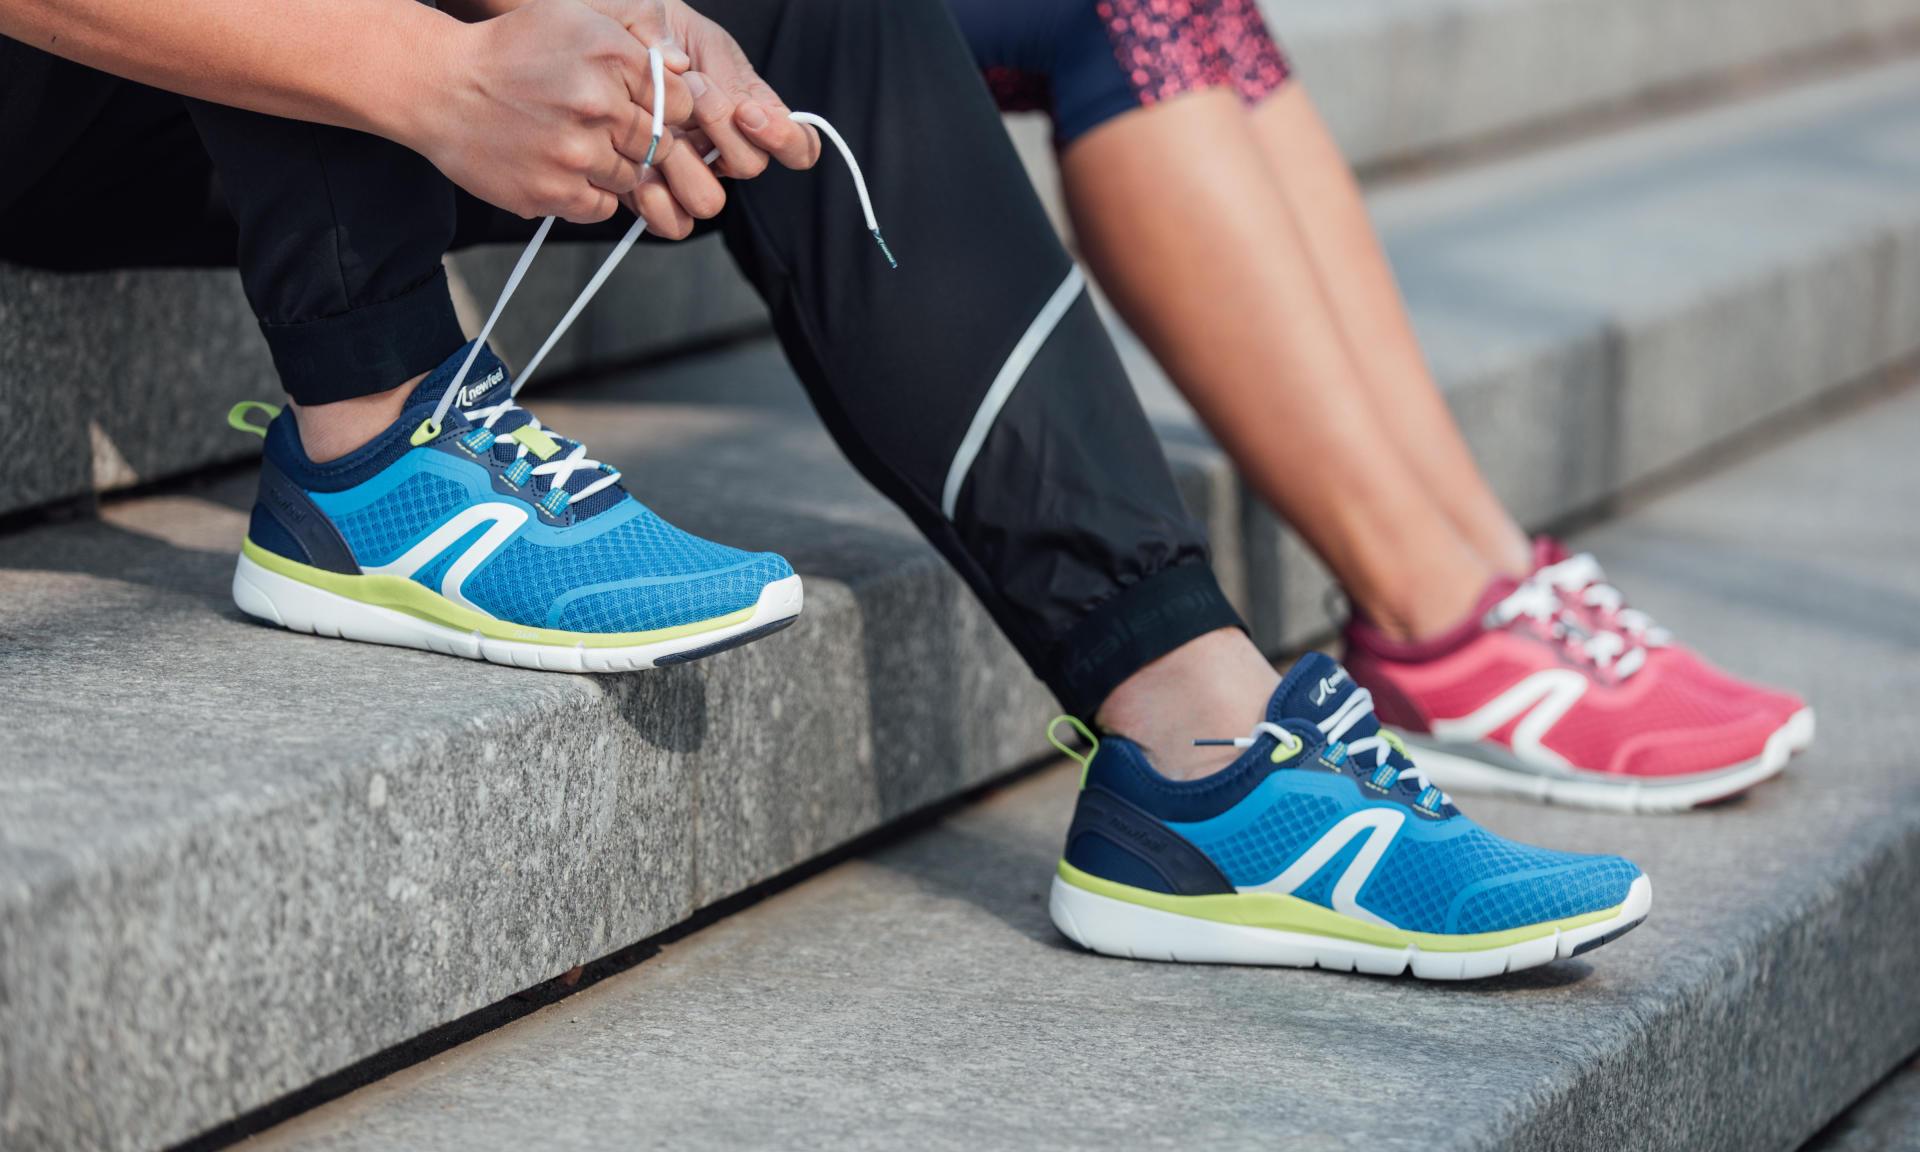 Les espadrilles sont-elles les chaussures idéales en ville ?